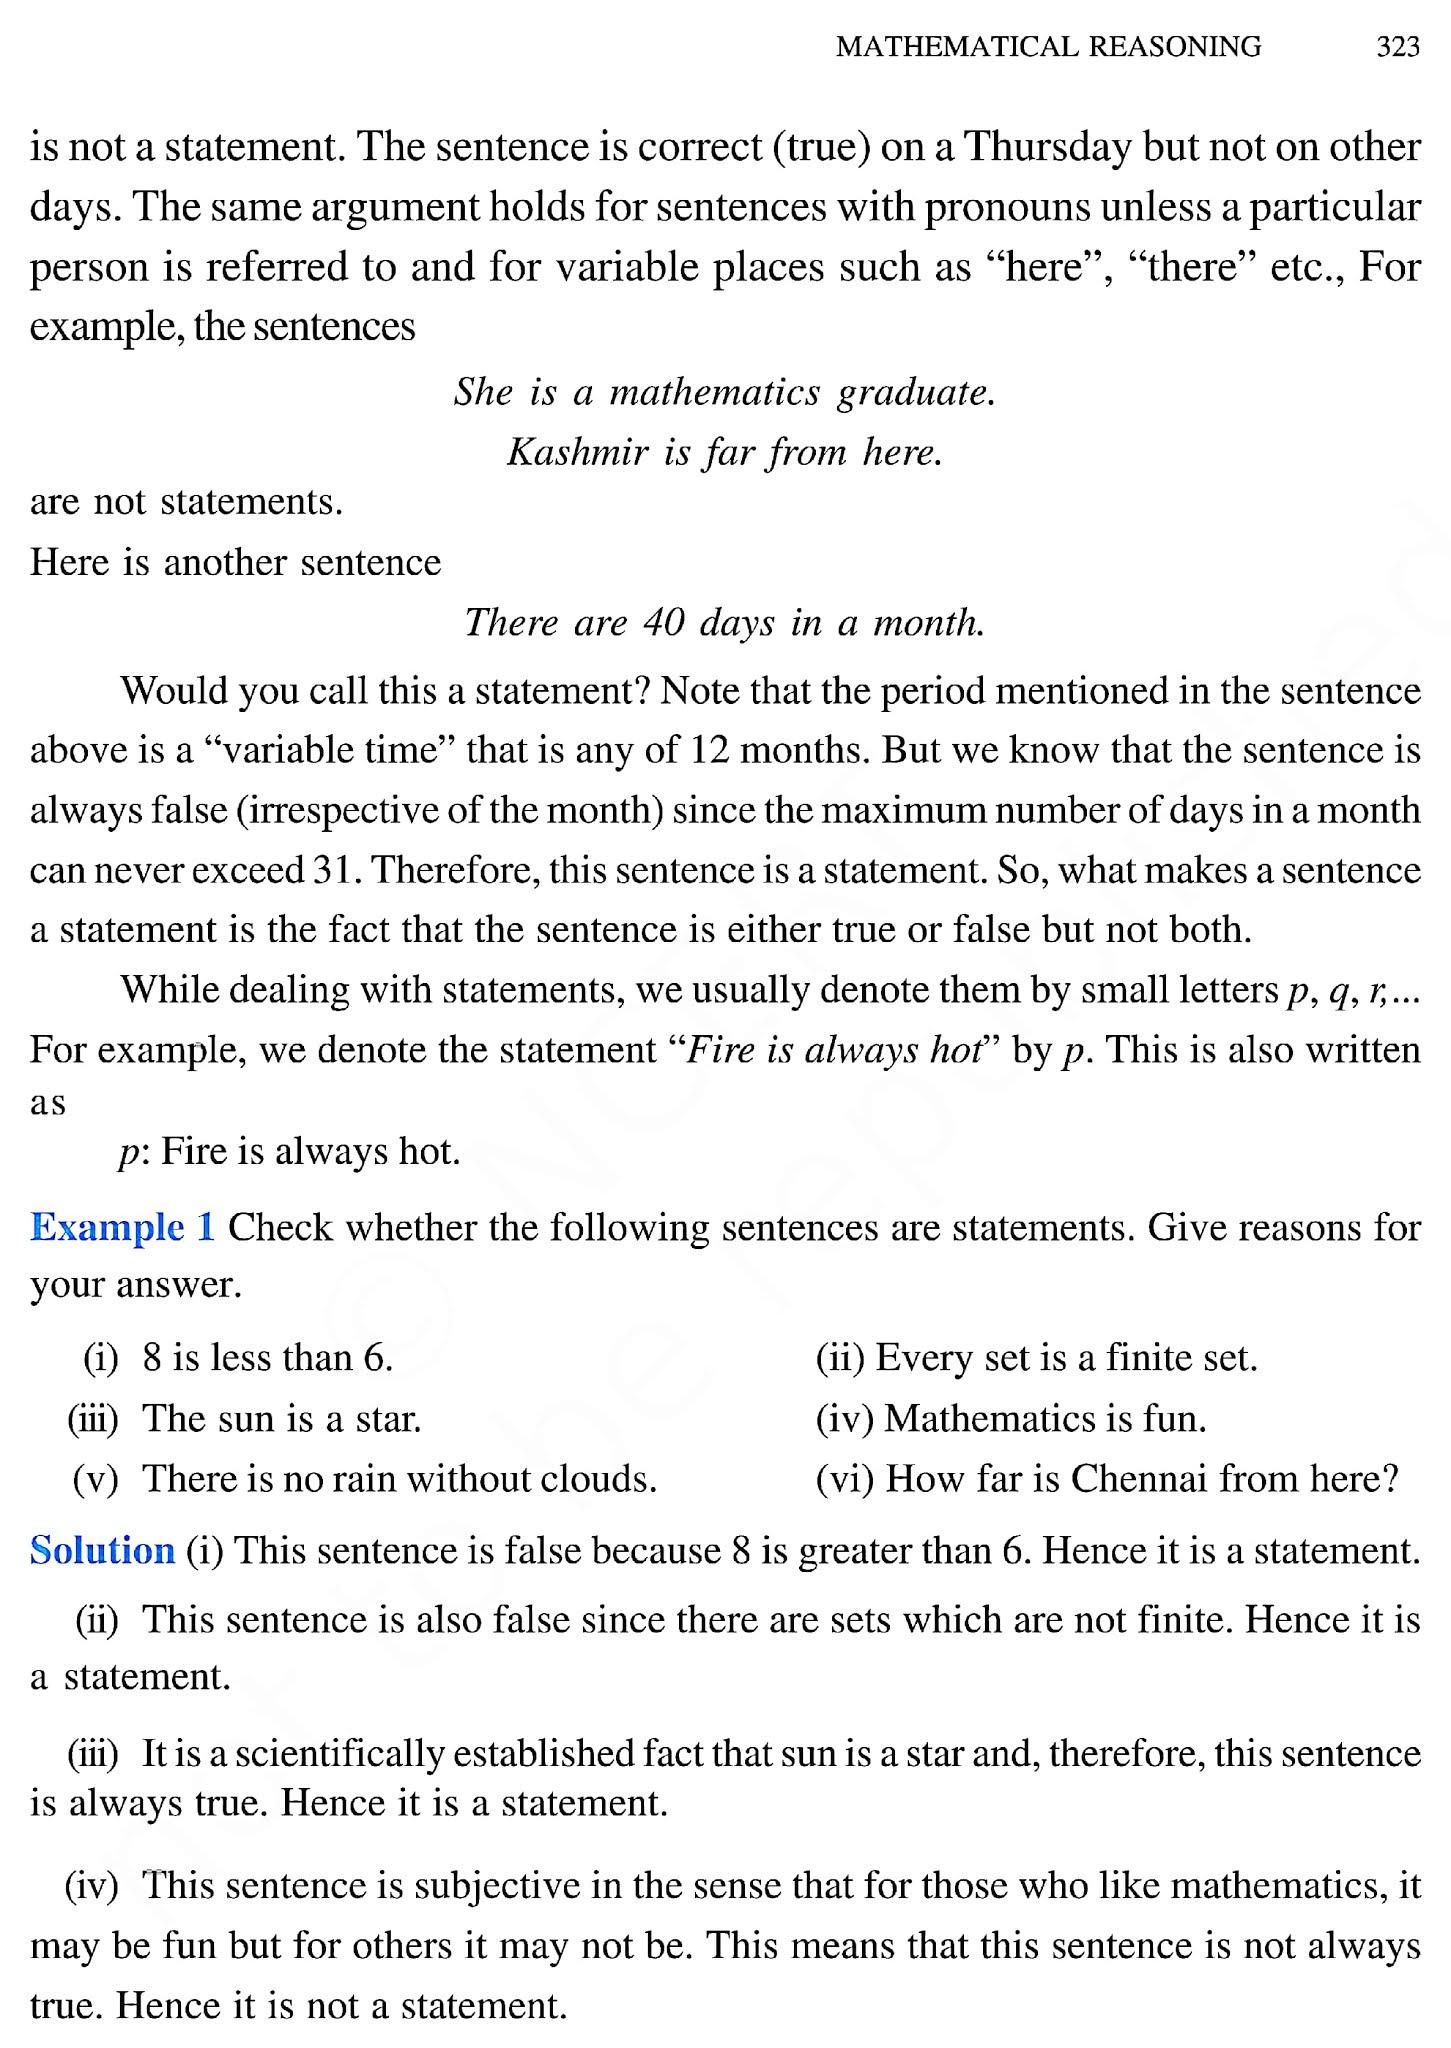 Class 11 Maths Chapter 14 Text Book - English Medium,  11th Maths book in hindi,11th Maths notes in hindi,cbse books for class  11,cbse books in hindi,cbse ncert books,class  11  Maths notes in hindi,class  11 hindi ncert solutions, Maths 2020, Maths 2021, Maths 2022, Maths book class  11, Maths book in hindi, Maths class  11 in hindi, Maths notes for class  11 up board in hindi,ncert all books,ncert app in hindi,ncert book solution,ncert books class 10,ncert books class  11,ncert books for class 7,ncert books for upsc in hindi,ncert books in hindi class 10,ncert books in hindi for class  11  Maths,ncert books in hindi for class 6,ncert books in hindi pdf,ncert class  11 hindi book,ncert english book,ncert  Maths book in hindi,ncert  Maths books in hindi pdf,ncert  Maths class  11,ncert in hindi,old ncert books in hindi,online ncert books in hindi,up board  11th,up board  11th syllabus,up board class 10 hindi book,up board class  11 books,up board class  11 new syllabus,up Board  Maths 2020,up Board  Maths 2021,up Board  Maths 2022,up Board  Maths 2023,up board intermediate  Maths syllabus,up board intermediate syllabus 2021,Up board Master 2021,up board model paper 2021,up board model paper all subject,up board new syllabus of class 11th Maths,up board paper 2021,Up board syllabus 2021,UP board syllabus 2022,   11 वीं मैथ्स पुस्तक हिंदी में,  11 वीं मैथ्स नोट्स हिंदी में, कक्षा  11 के लिए सीबीएससी पुस्तकें, हिंदी में सीबीएससी पुस्तकें, सीबीएससी  पुस्तकें, कक्षा  11 मैथ्स नोट्स हिंदी में, कक्षा  11 हिंदी एनसीईआरटी समाधान, मैथ्स 2020, मैथ्स 2021, मैथ्स 2022, मैथ्स  बुक क्लास  11, मैथ्स बुक इन हिंदी, बायोलॉजी क्लास  11 हिंदी में, मैथ्स नोट्स इन क्लास  11 यूपी  बोर्ड इन हिंदी, एनसीईआरटी मैथ्स की किताब हिंदी में,  बोर्ड  11 वीं तक,  11 वीं तक की पाठ्यक्रम, बोर्ड कक्षा 10 की हिंदी पुस्तक  , बोर्ड की कक्षा  11 की किताबें, बोर्ड की कक्षा  11 की नई पाठ्यक्रम, बोर्ड मैथ्स 2020, यूपी   बोर्ड मैथ्स 2021, यूपी  बोर्ड मैथ्स 2022, यूपी  बोर्ड मैथ्स 2023, यूपी  बोर्ड इंटरमीडिएट बा